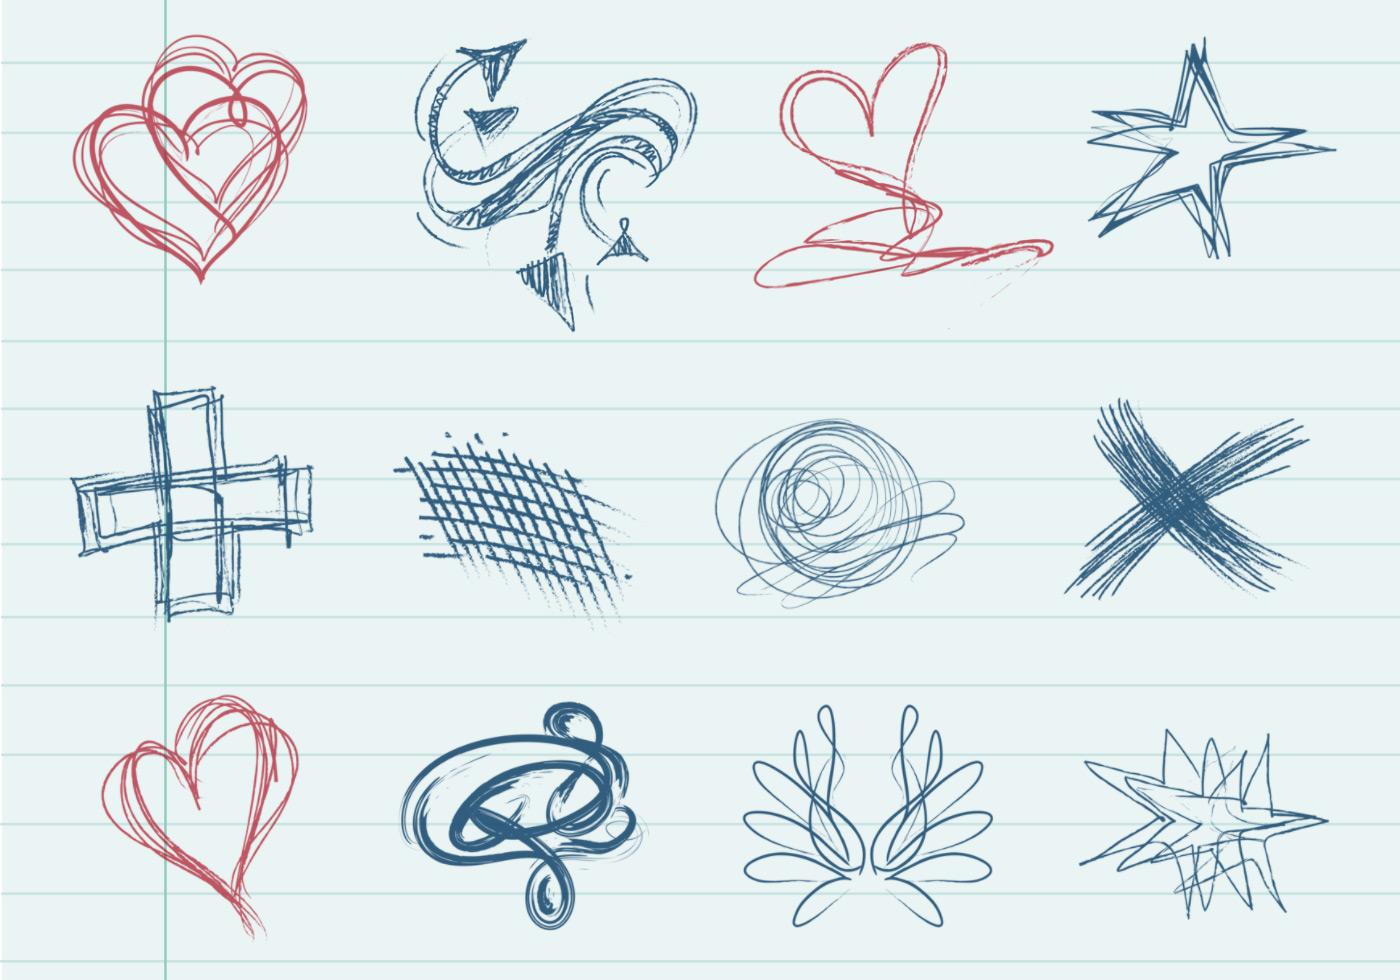 Doodle Forma Vector Pack - Descargue Gráficos y Vectores Gratis